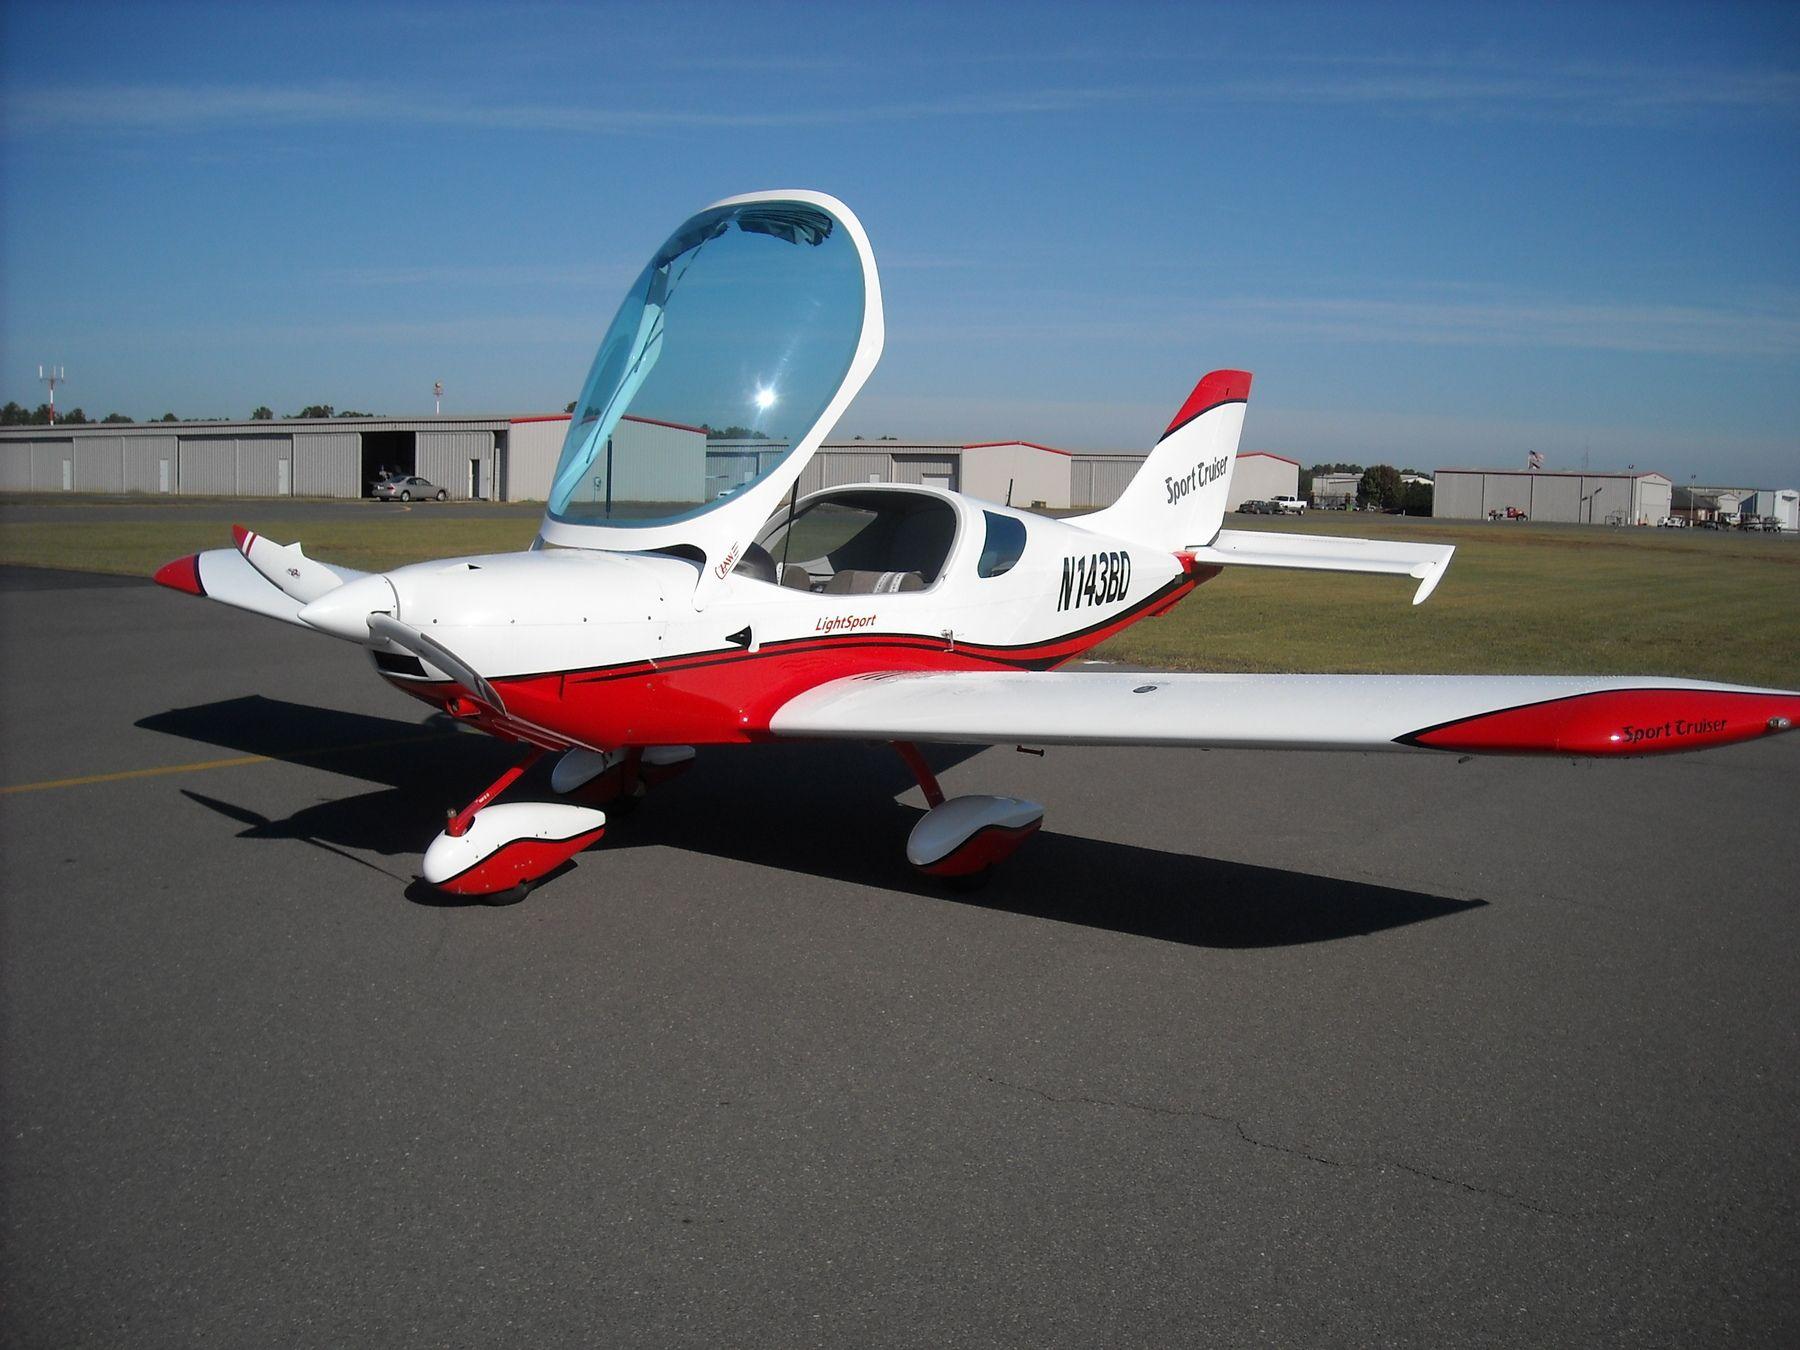 2009 czech sport aircraft sport cruiser for sale in ktta sanford nc usa